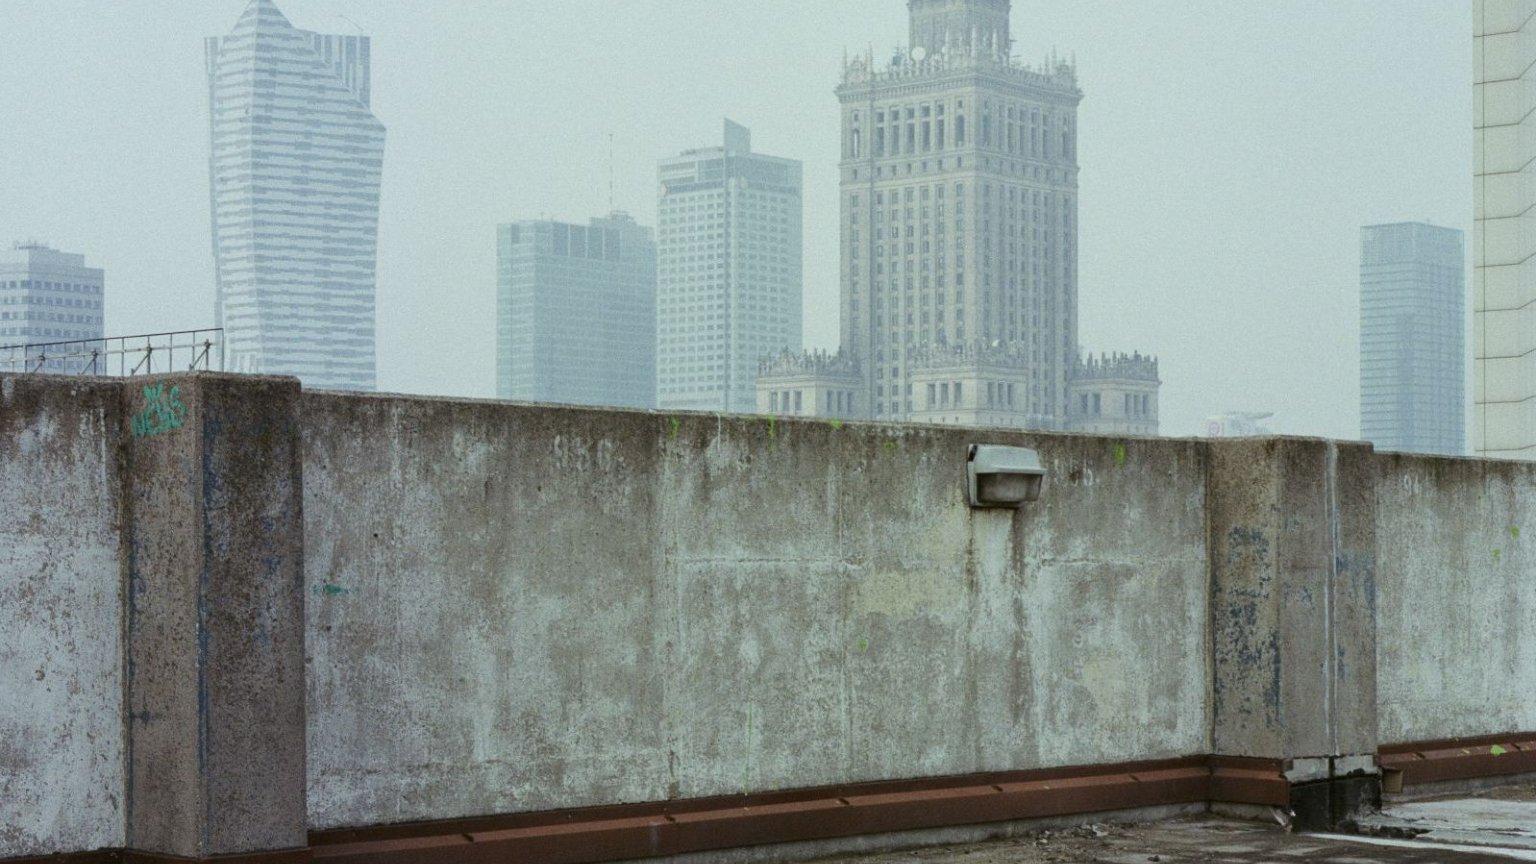 Widok na Pałac Kultury z dachu parkingu naziemnego przy ulicy Nowogrodzkiej